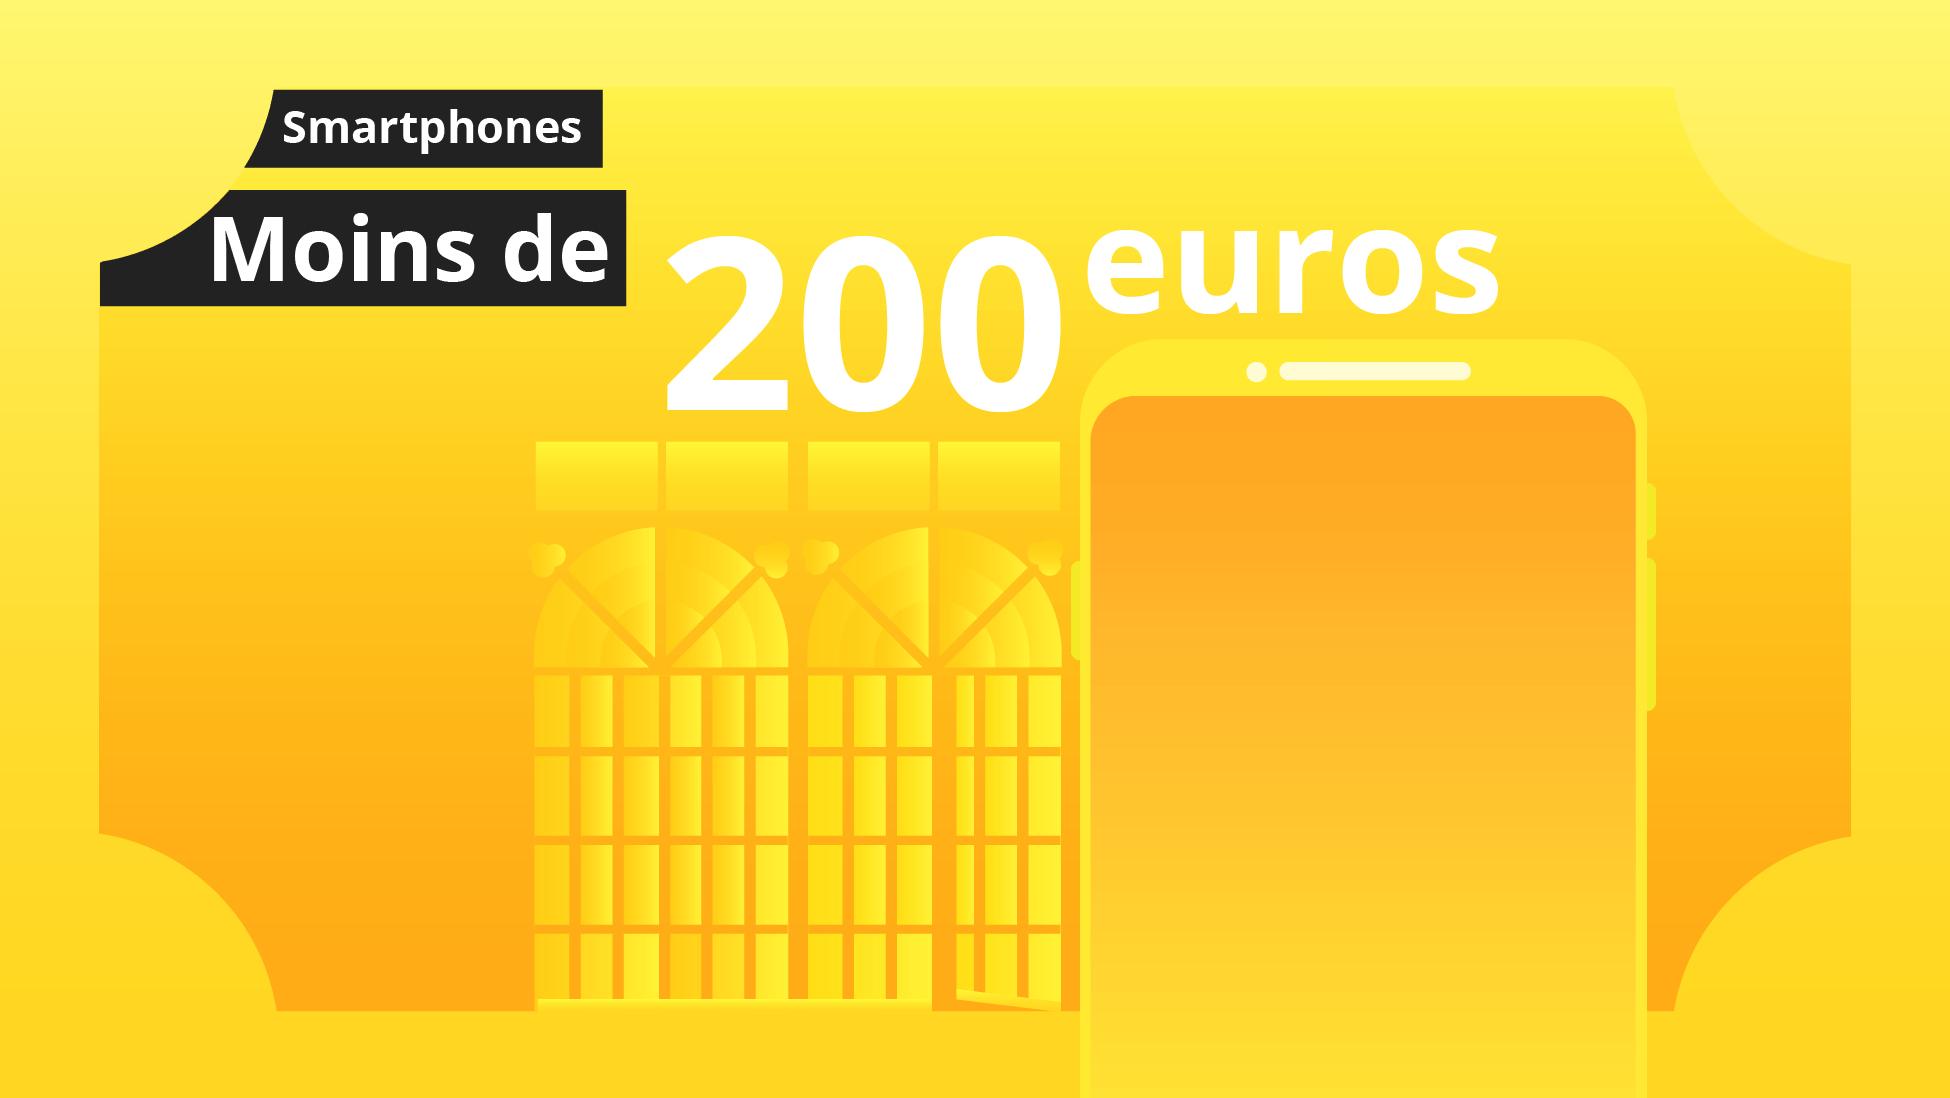 les meilleurs smartphones android moins de 200 euros guide d 39 achat. Black Bedroom Furniture Sets. Home Design Ideas